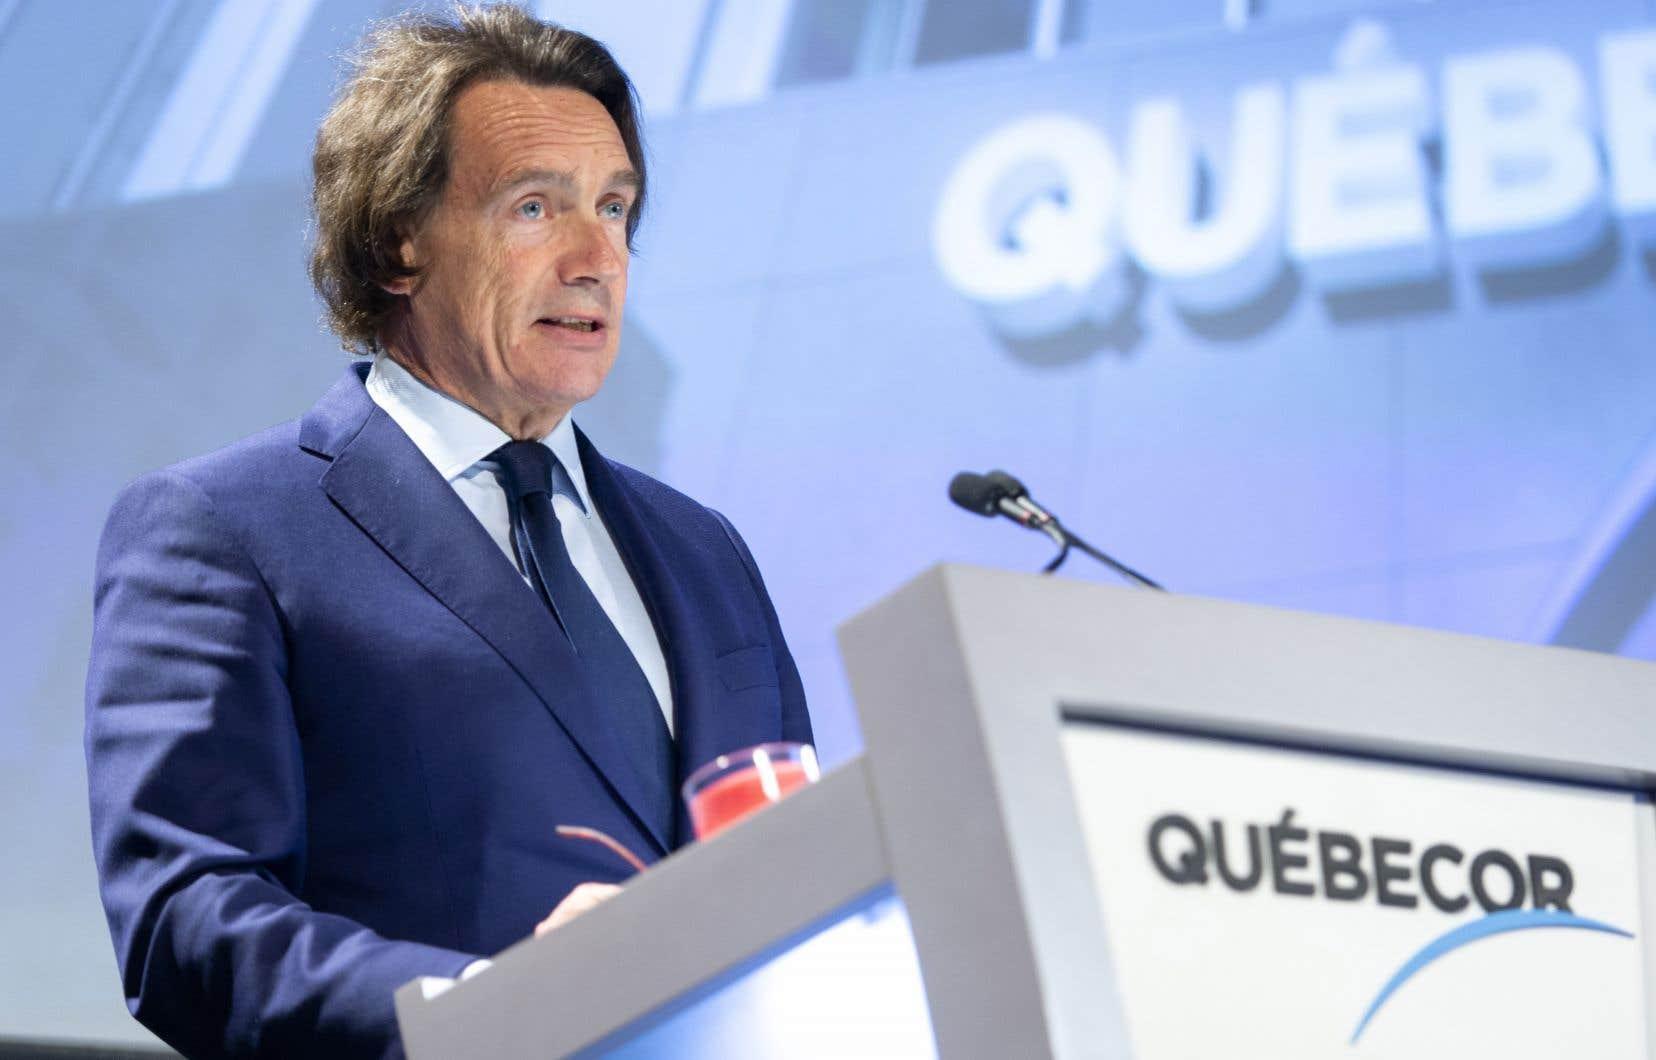 Québecor sort grand gagnant des enchères de fréquences de télécommunication sans fil